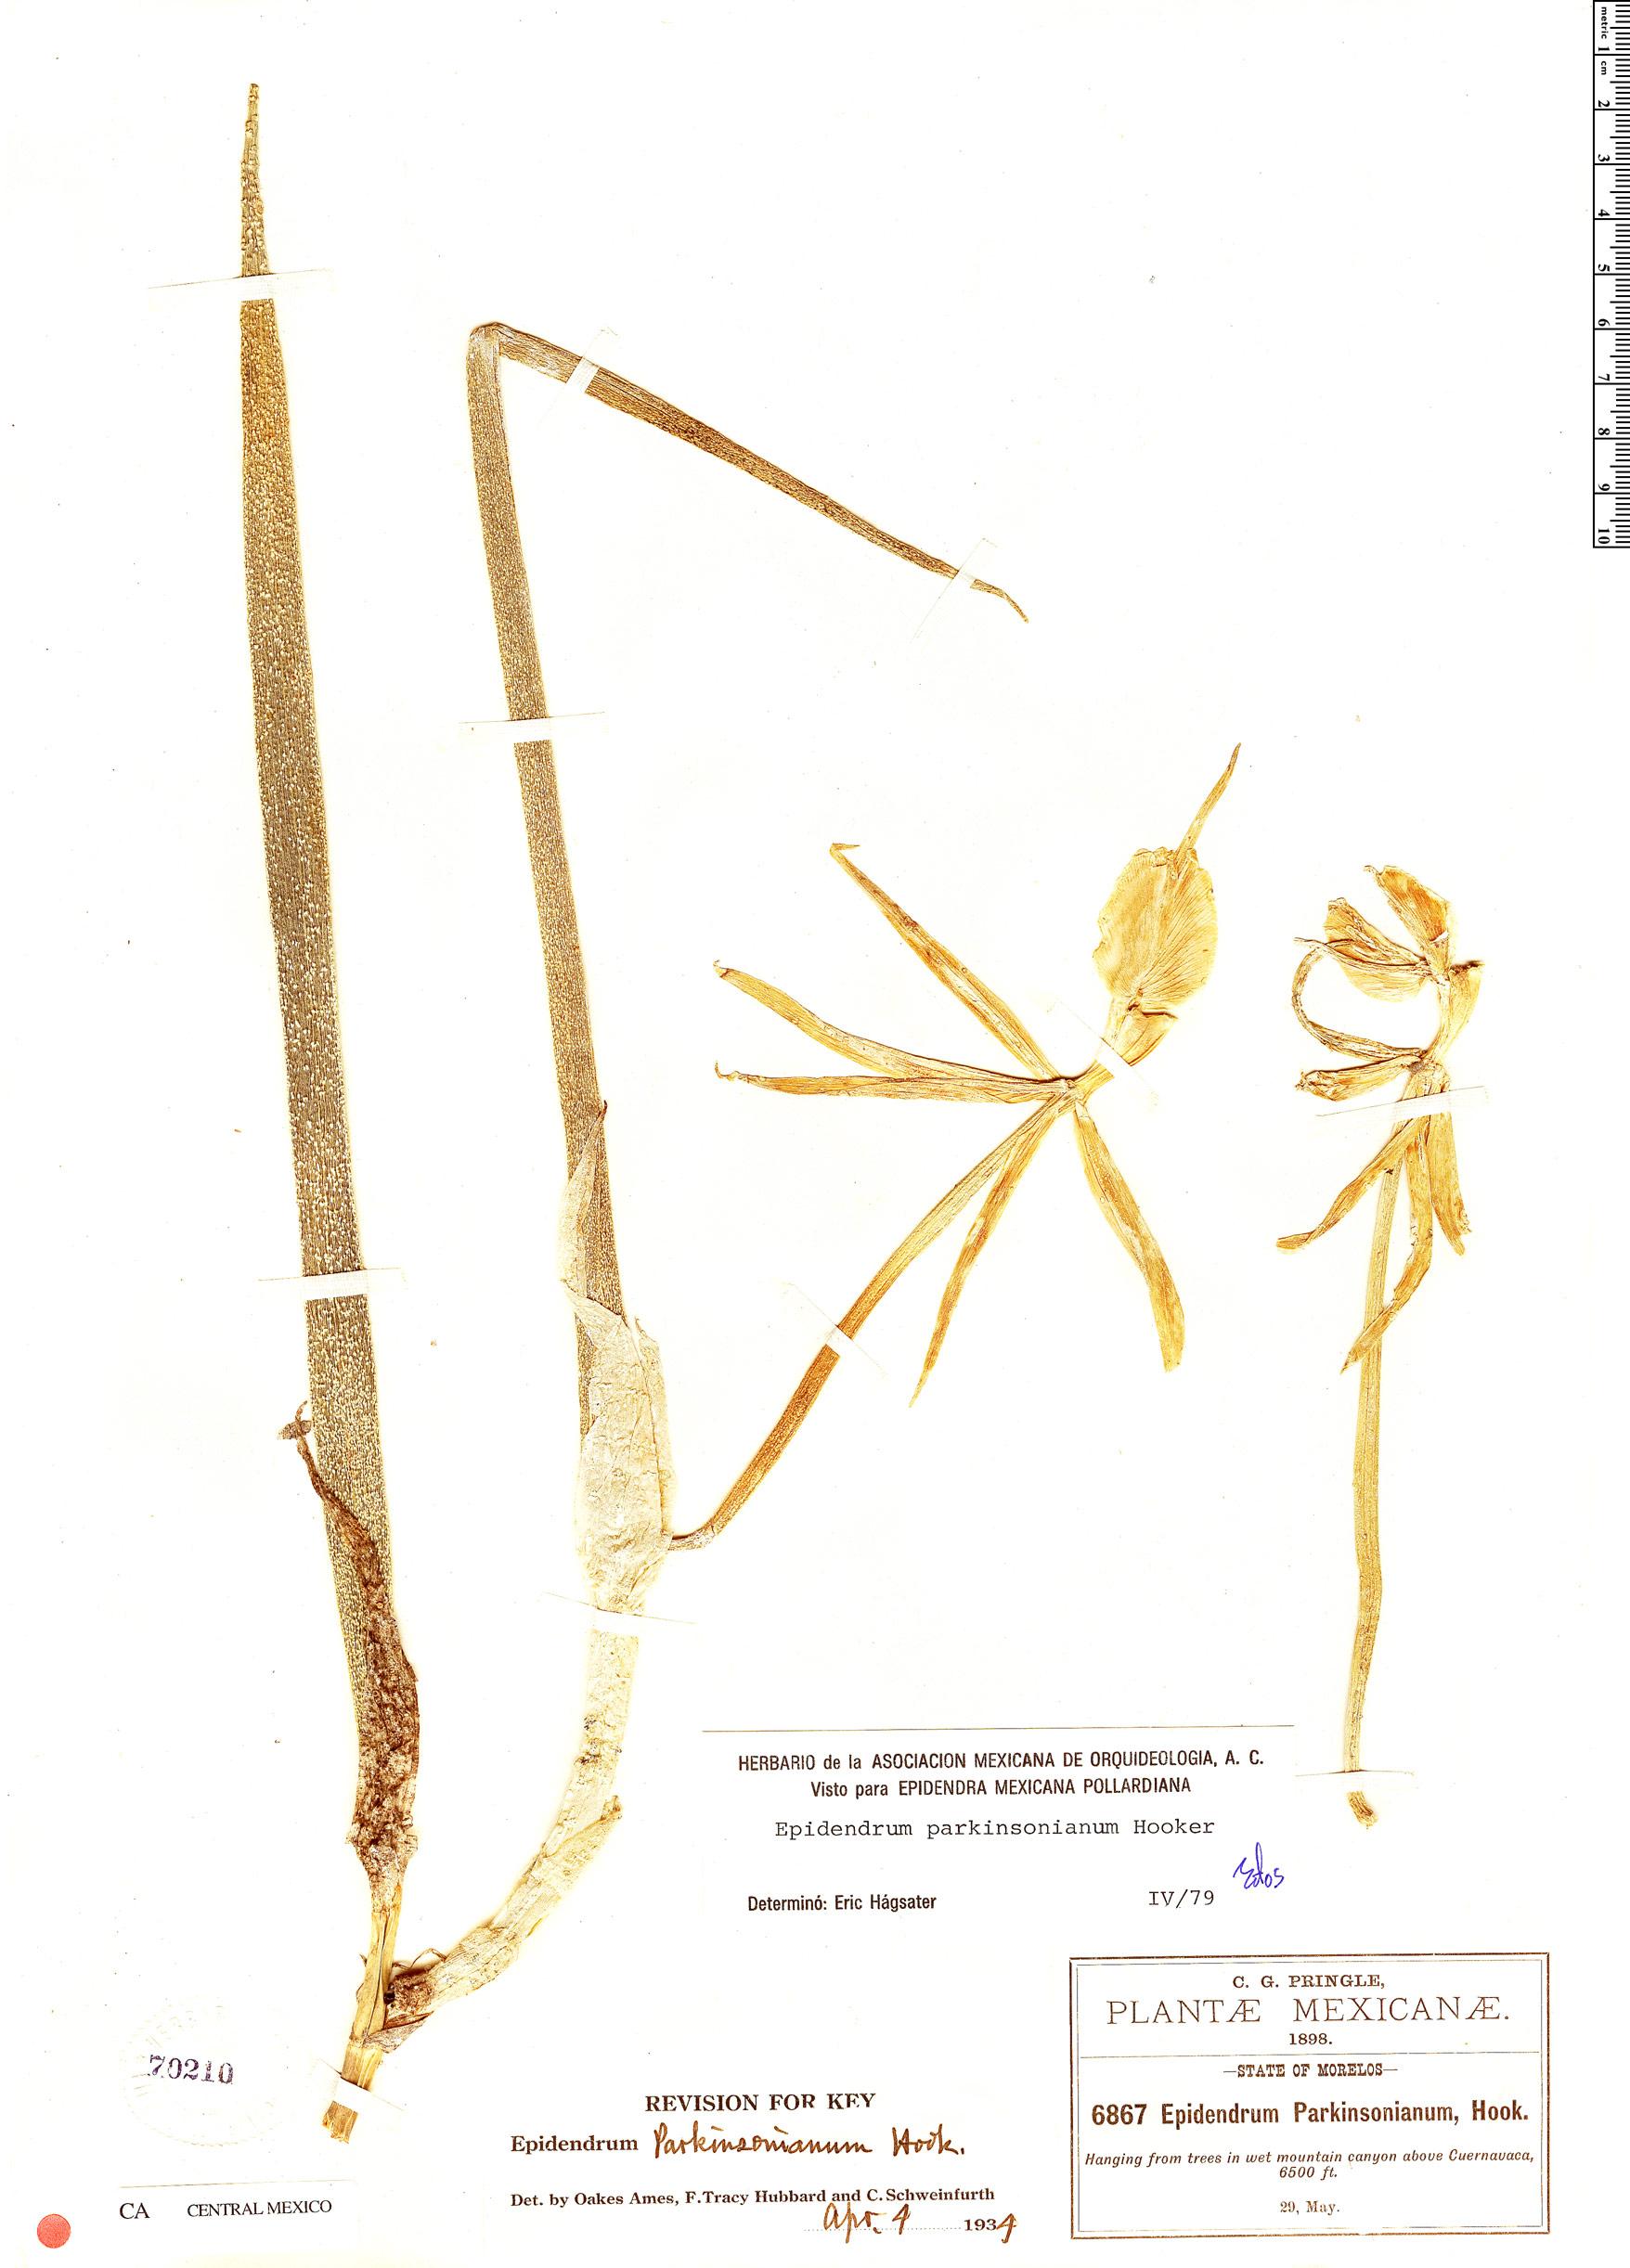 Specimen: Epidendrum parkinsonianum